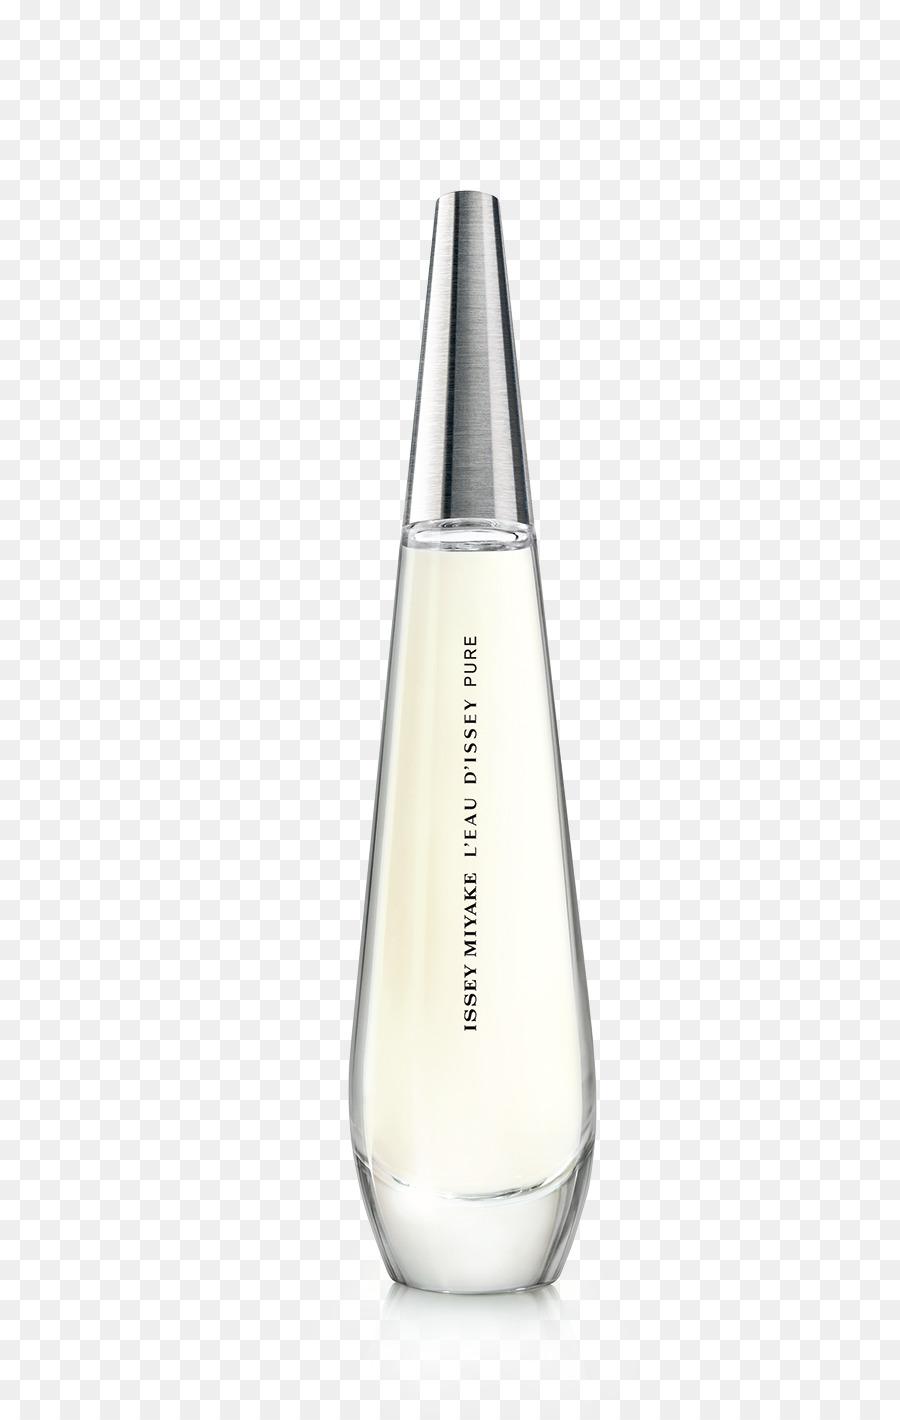 Descarga gratuita de Perfume, Eau De Toilette, Leau Dissey Imágen de Png